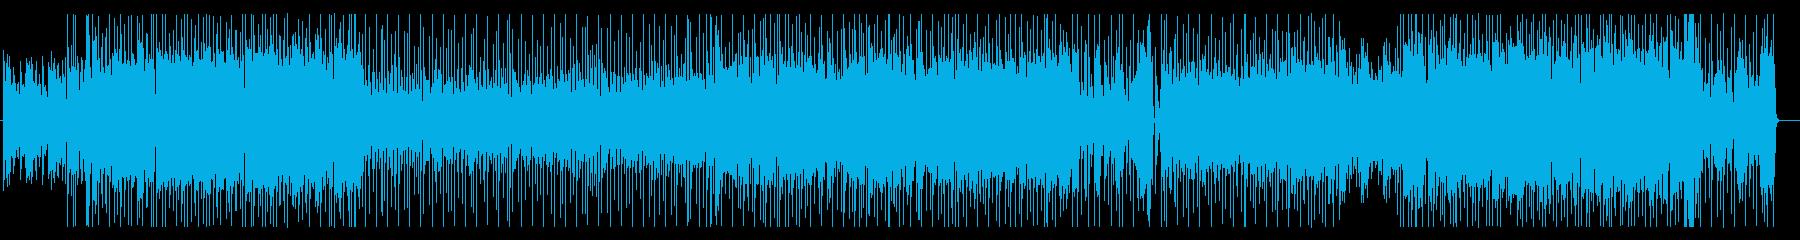 明るくてファンキーなポップBGMの再生済みの波形